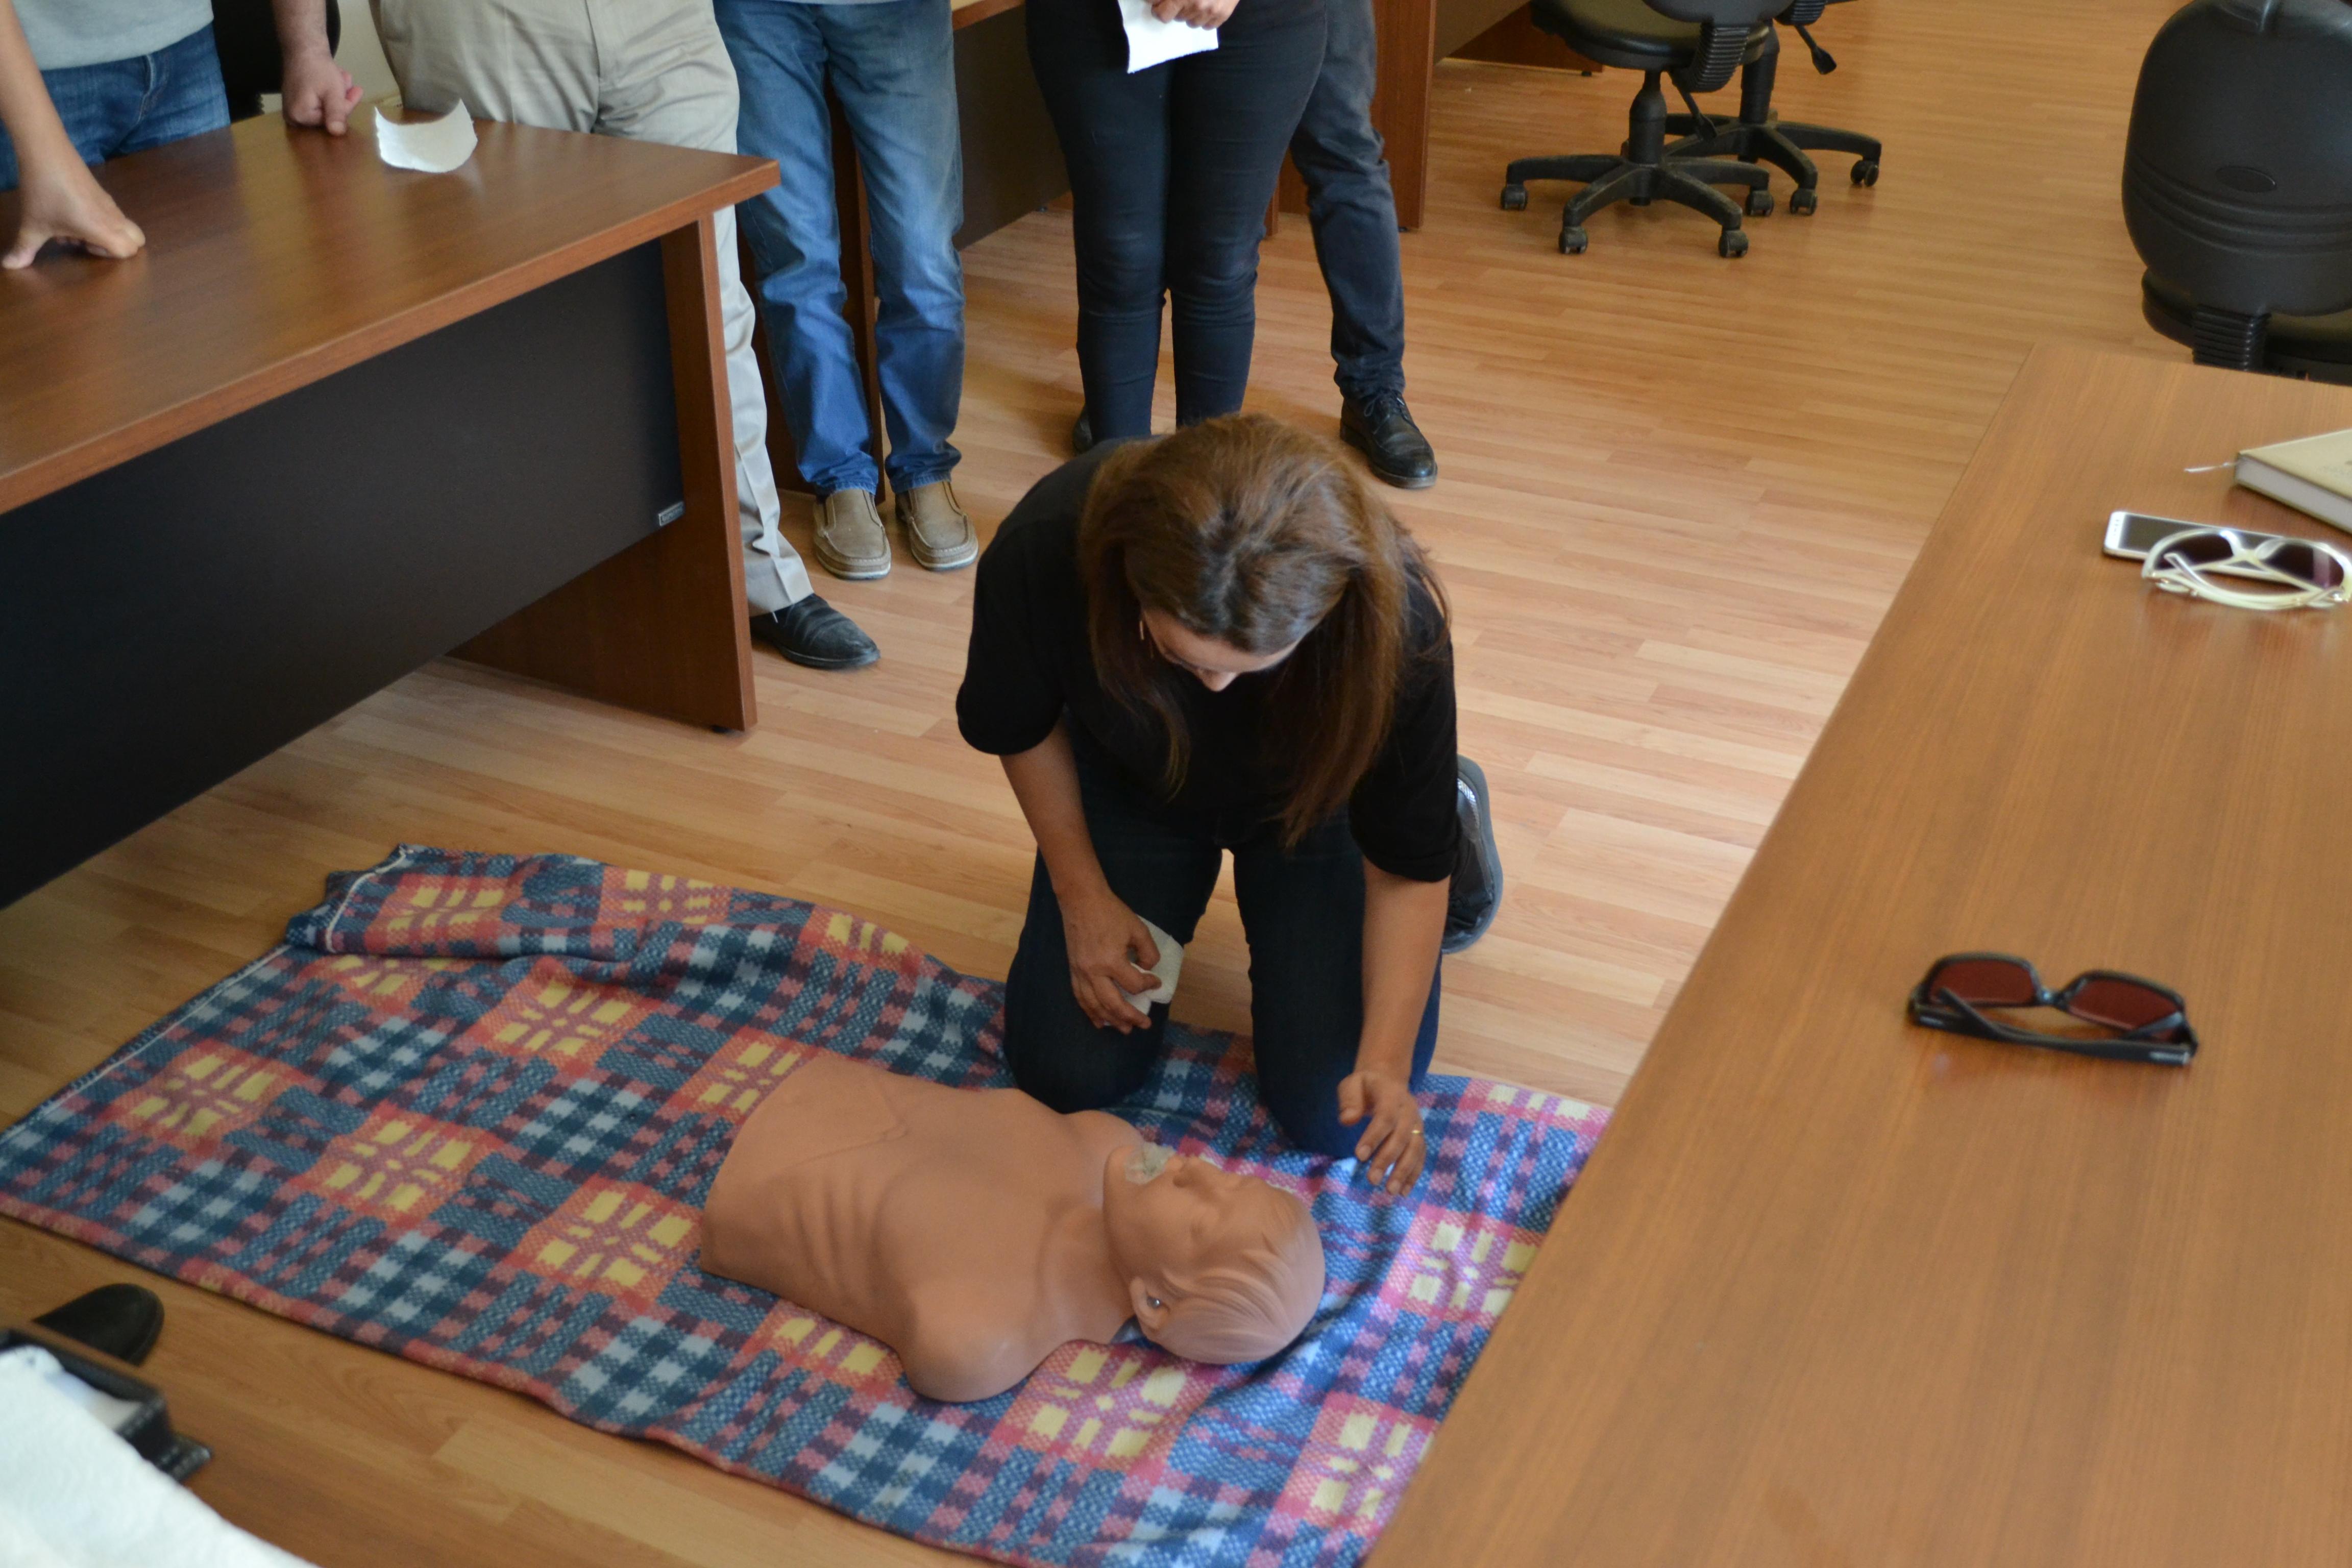 İl Müdürlüğümüzde İş Güvenliği ve Sağlığı kapsamında  ilk yardım kursu yapılmıştır